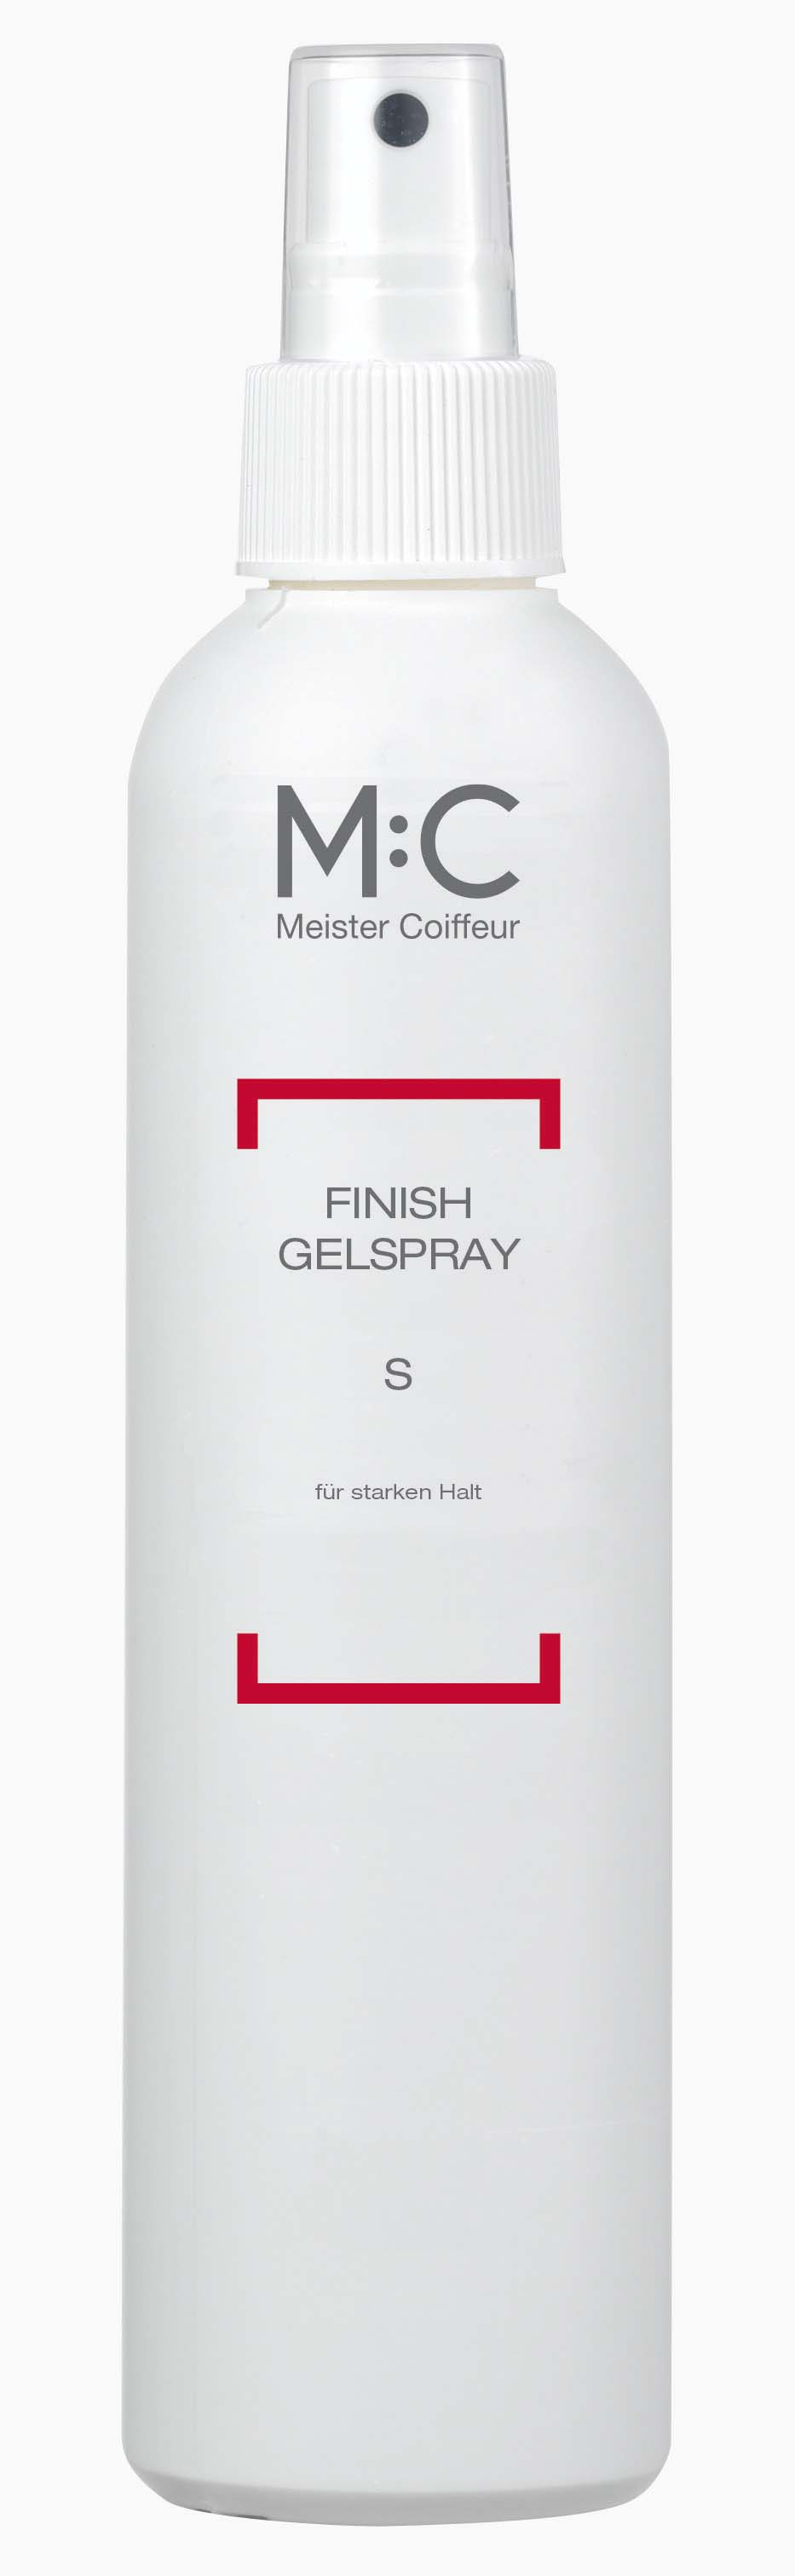 M:C Finish Gelspray S